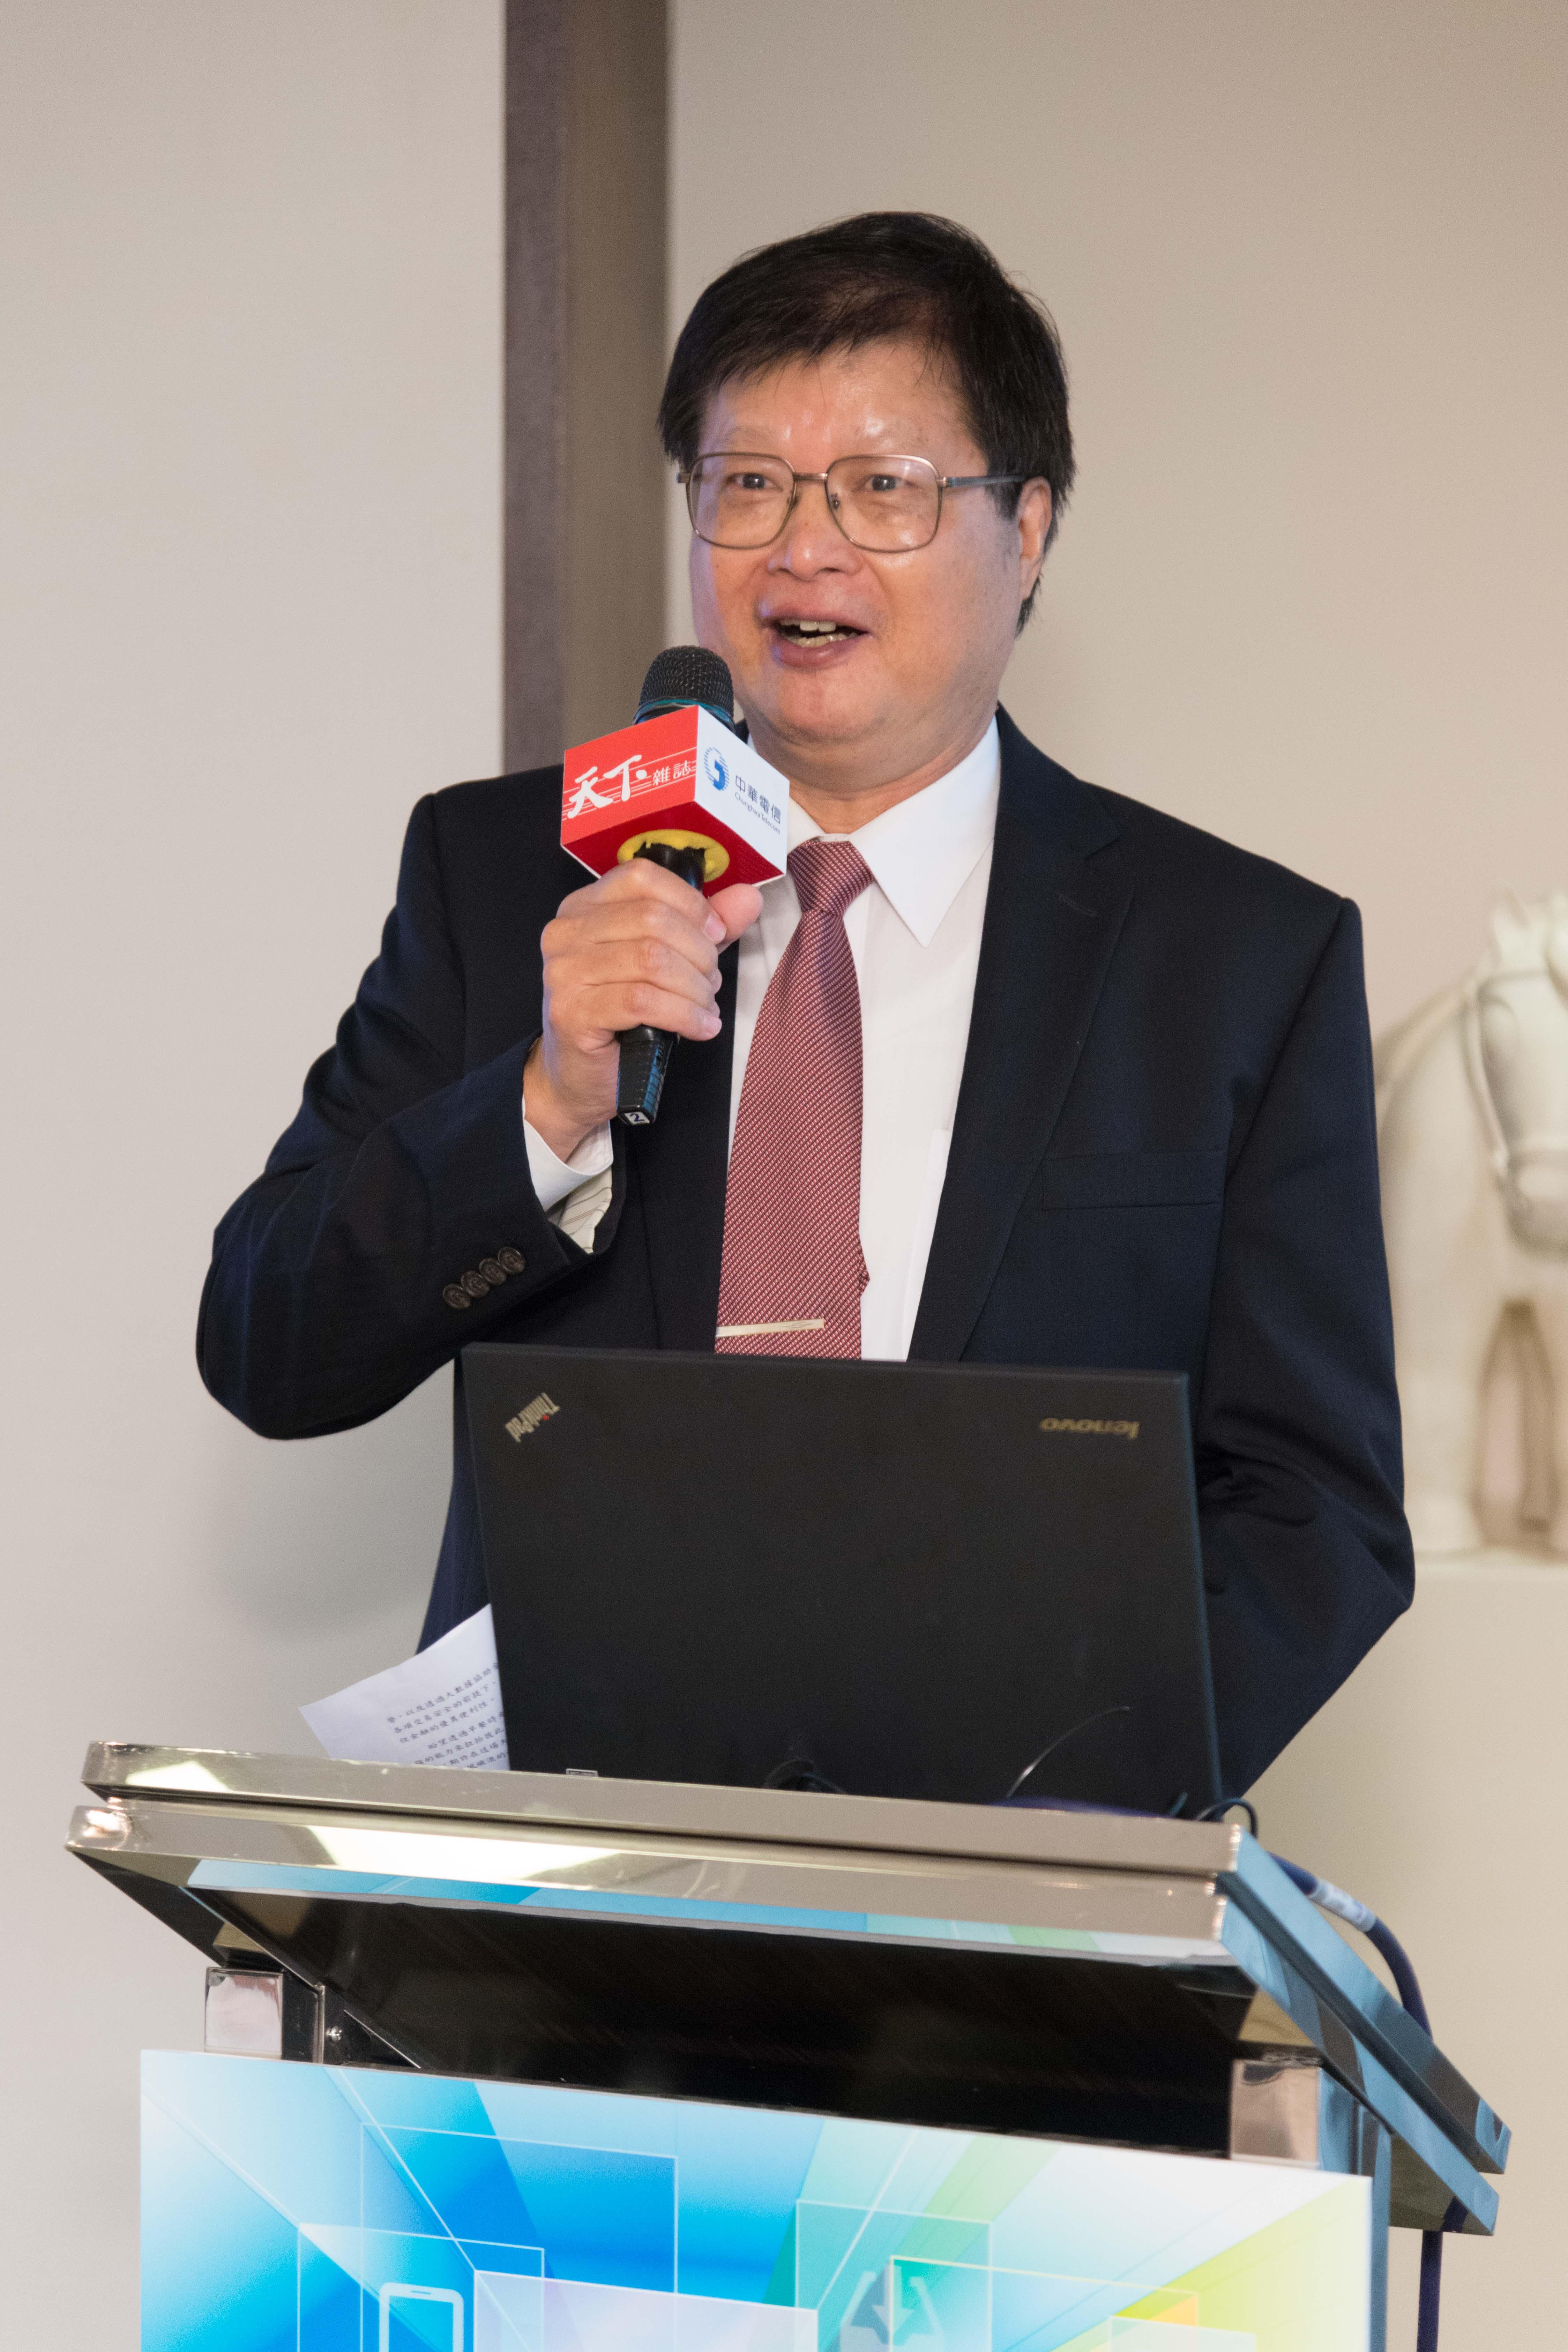 中華電信石木標:ICT 技術決定企業未來優勢  金融業前進 Bank 3.0 資通訊力助打亞洲盃